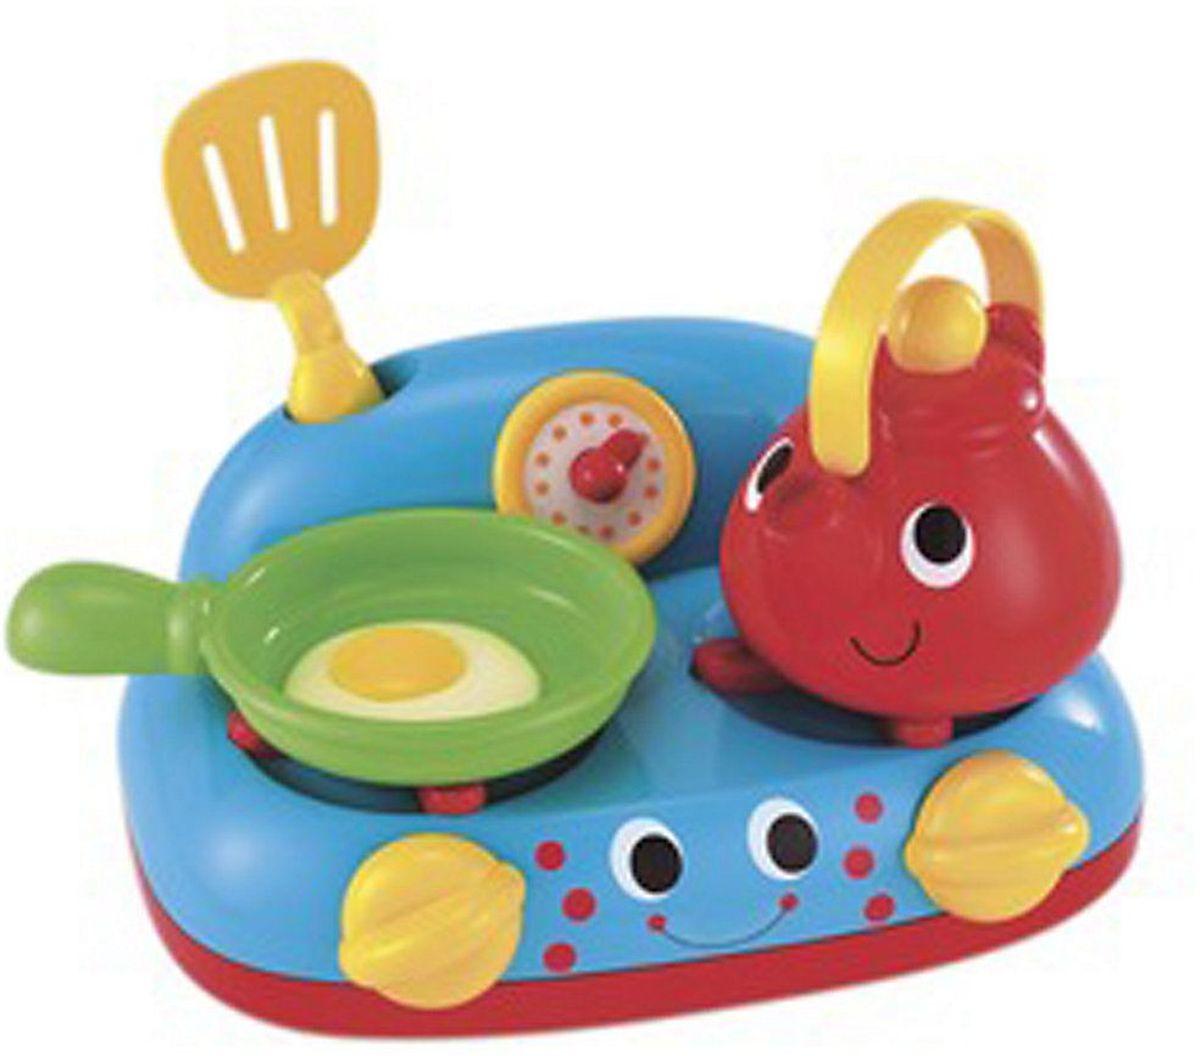 ELC Игровой набор Моя первая кухня134253Игровой набор Моя первая кухня - многофункциональная кухня с аксессуарами. Она состоит из варочной поверхности, чайника, сковородки и лопатки. В наборе масса завлекательных звуковых эффектов: на сковородке шипит жаркое, чайник закипает, ручки плиты пощелкивают. Много занятий для маленьких пытливых пальчиков. Если ваш ребенок любит помогать маме на кухне, играть с посудой, варить и жарить, но вам приходится ограничивать его в игре с бьющимися предметами кухонной утвари, то эта детская кухня создана специально для юного поваренка. С такой кухней ваш ребенок сможет устроить для своих игрушек удивительный обед. Порадуйте его таким замечательным подарком! Игровой набор Моя первая кухня научит маленькую хозяйку правильно обращаться с бытовой техникой, и организовывать чаепития. Этот набор развивает фантазию, расширяет кругозор ребенка и помогает развить хозяйственные навыки. Рекомендуется докупить 2 батарейки типа АА (не входят в комплект).